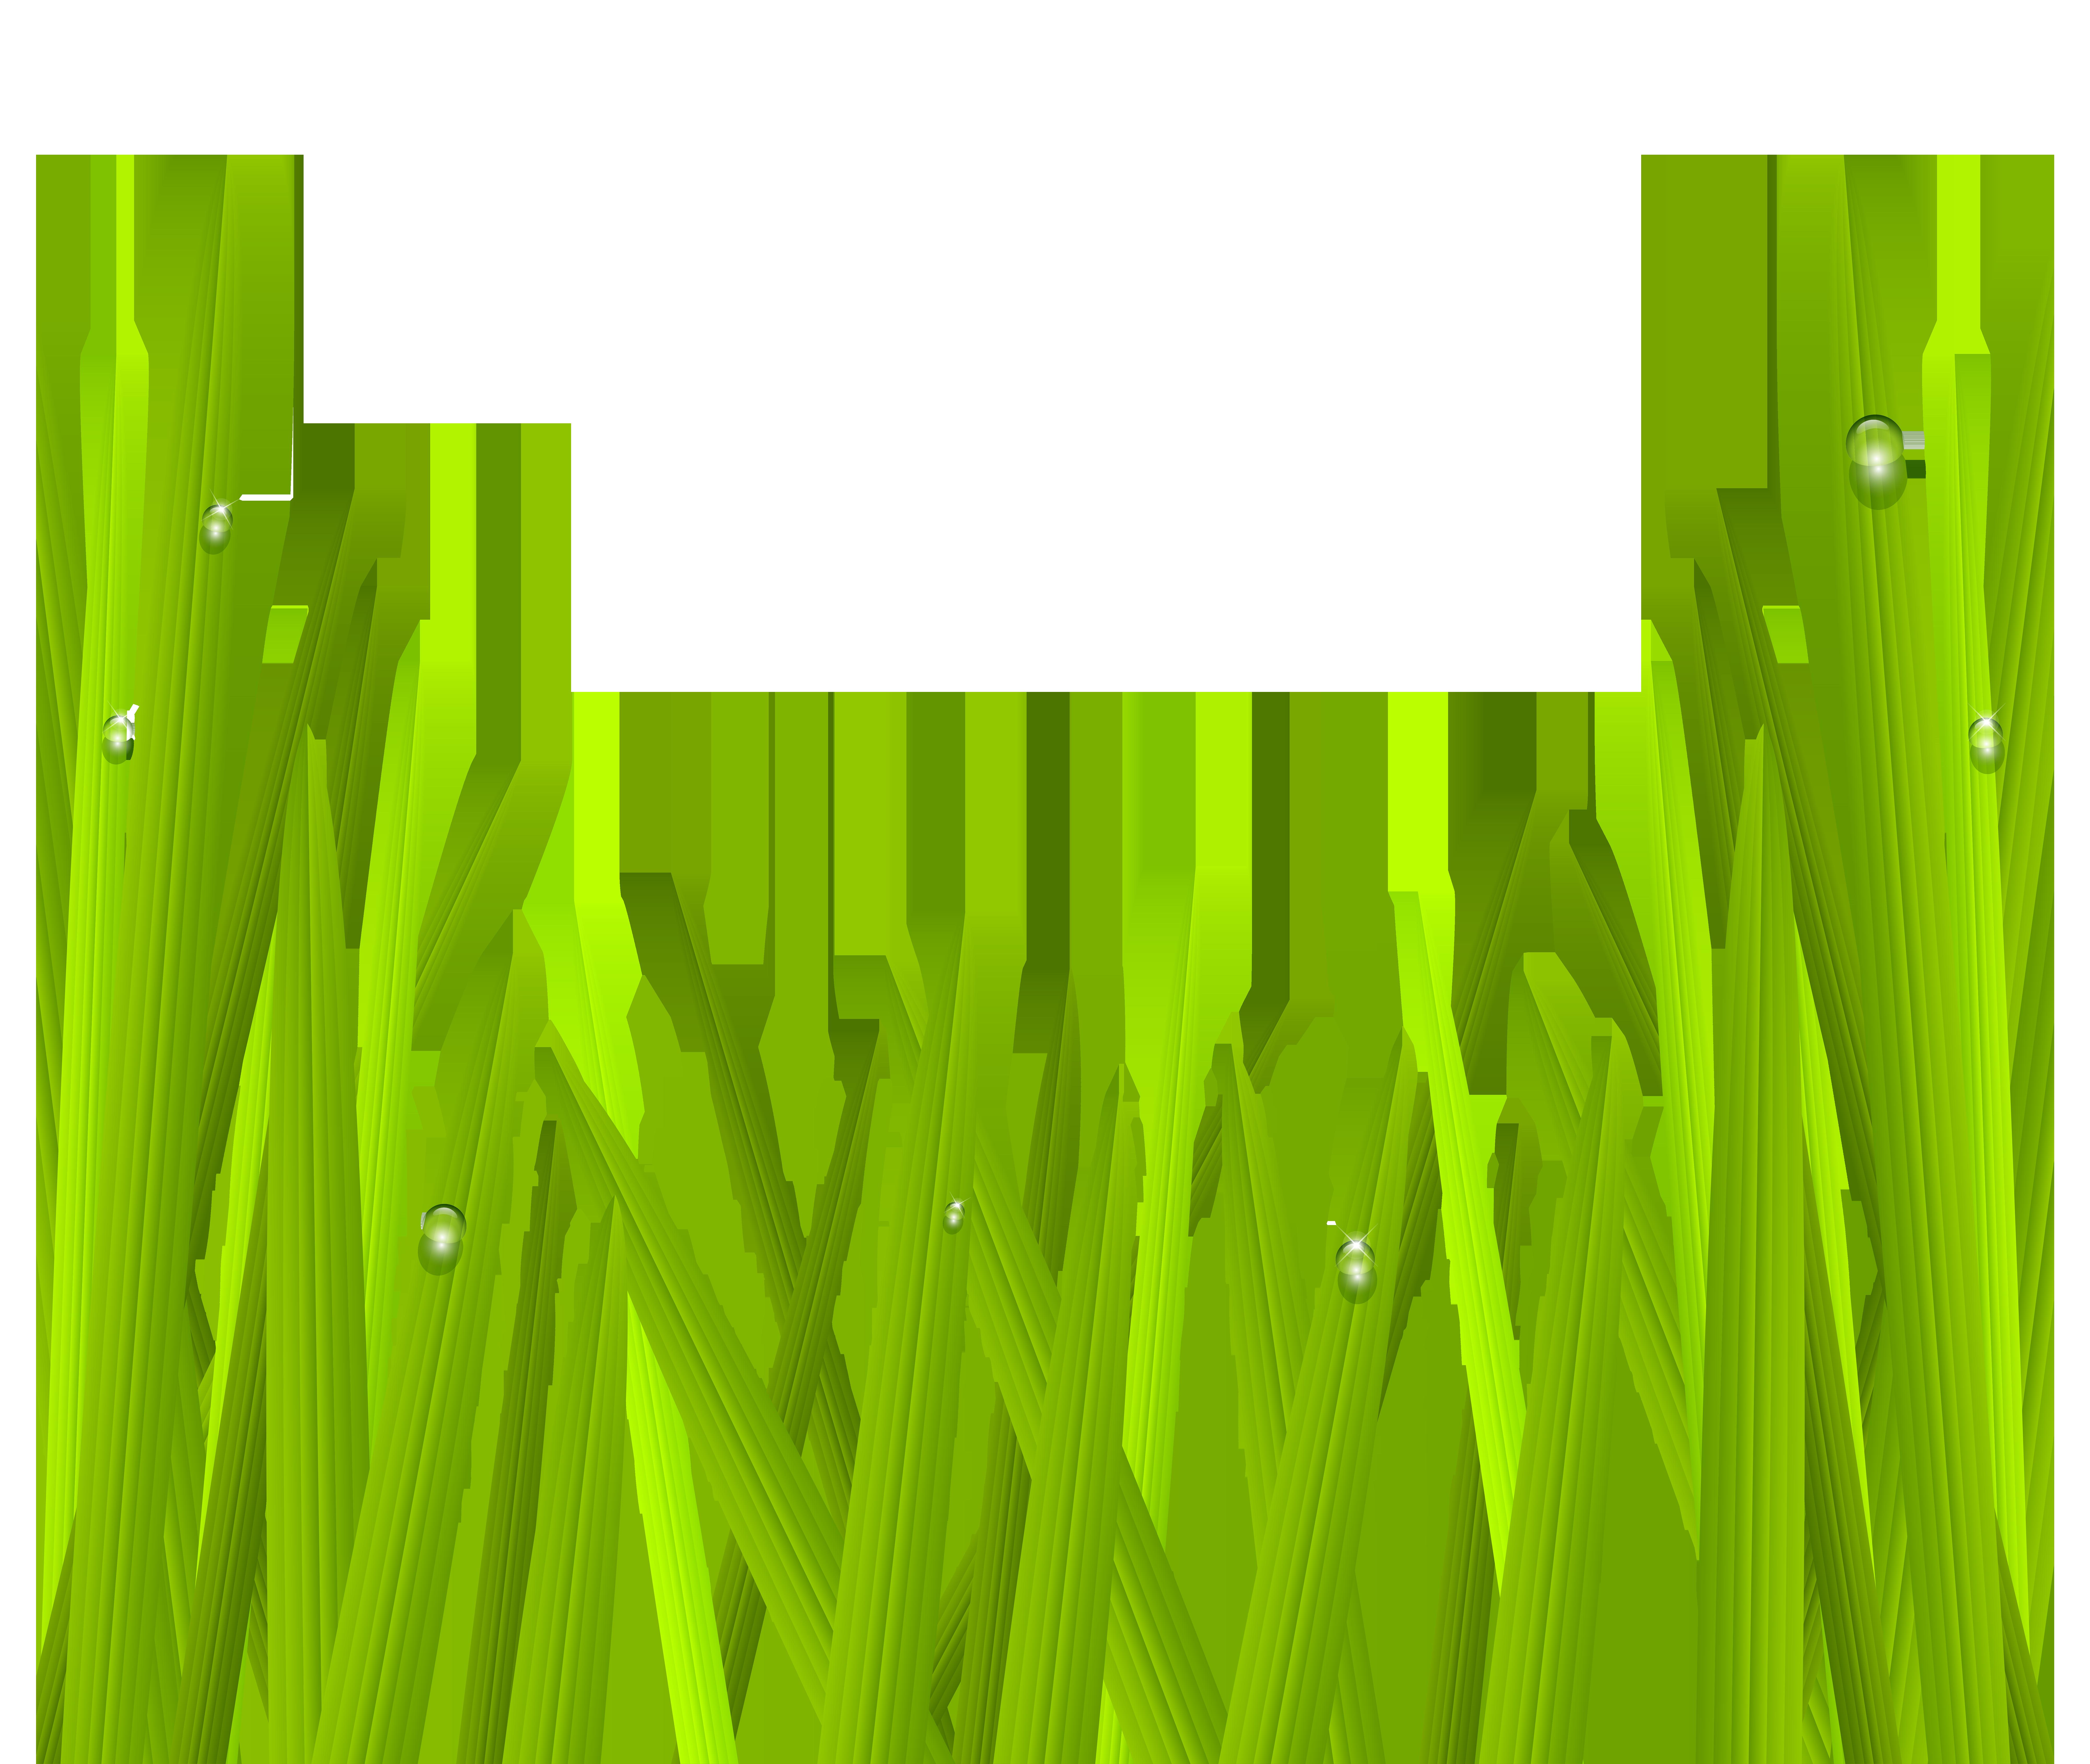 Clipart grass gate. Green transparent png clip